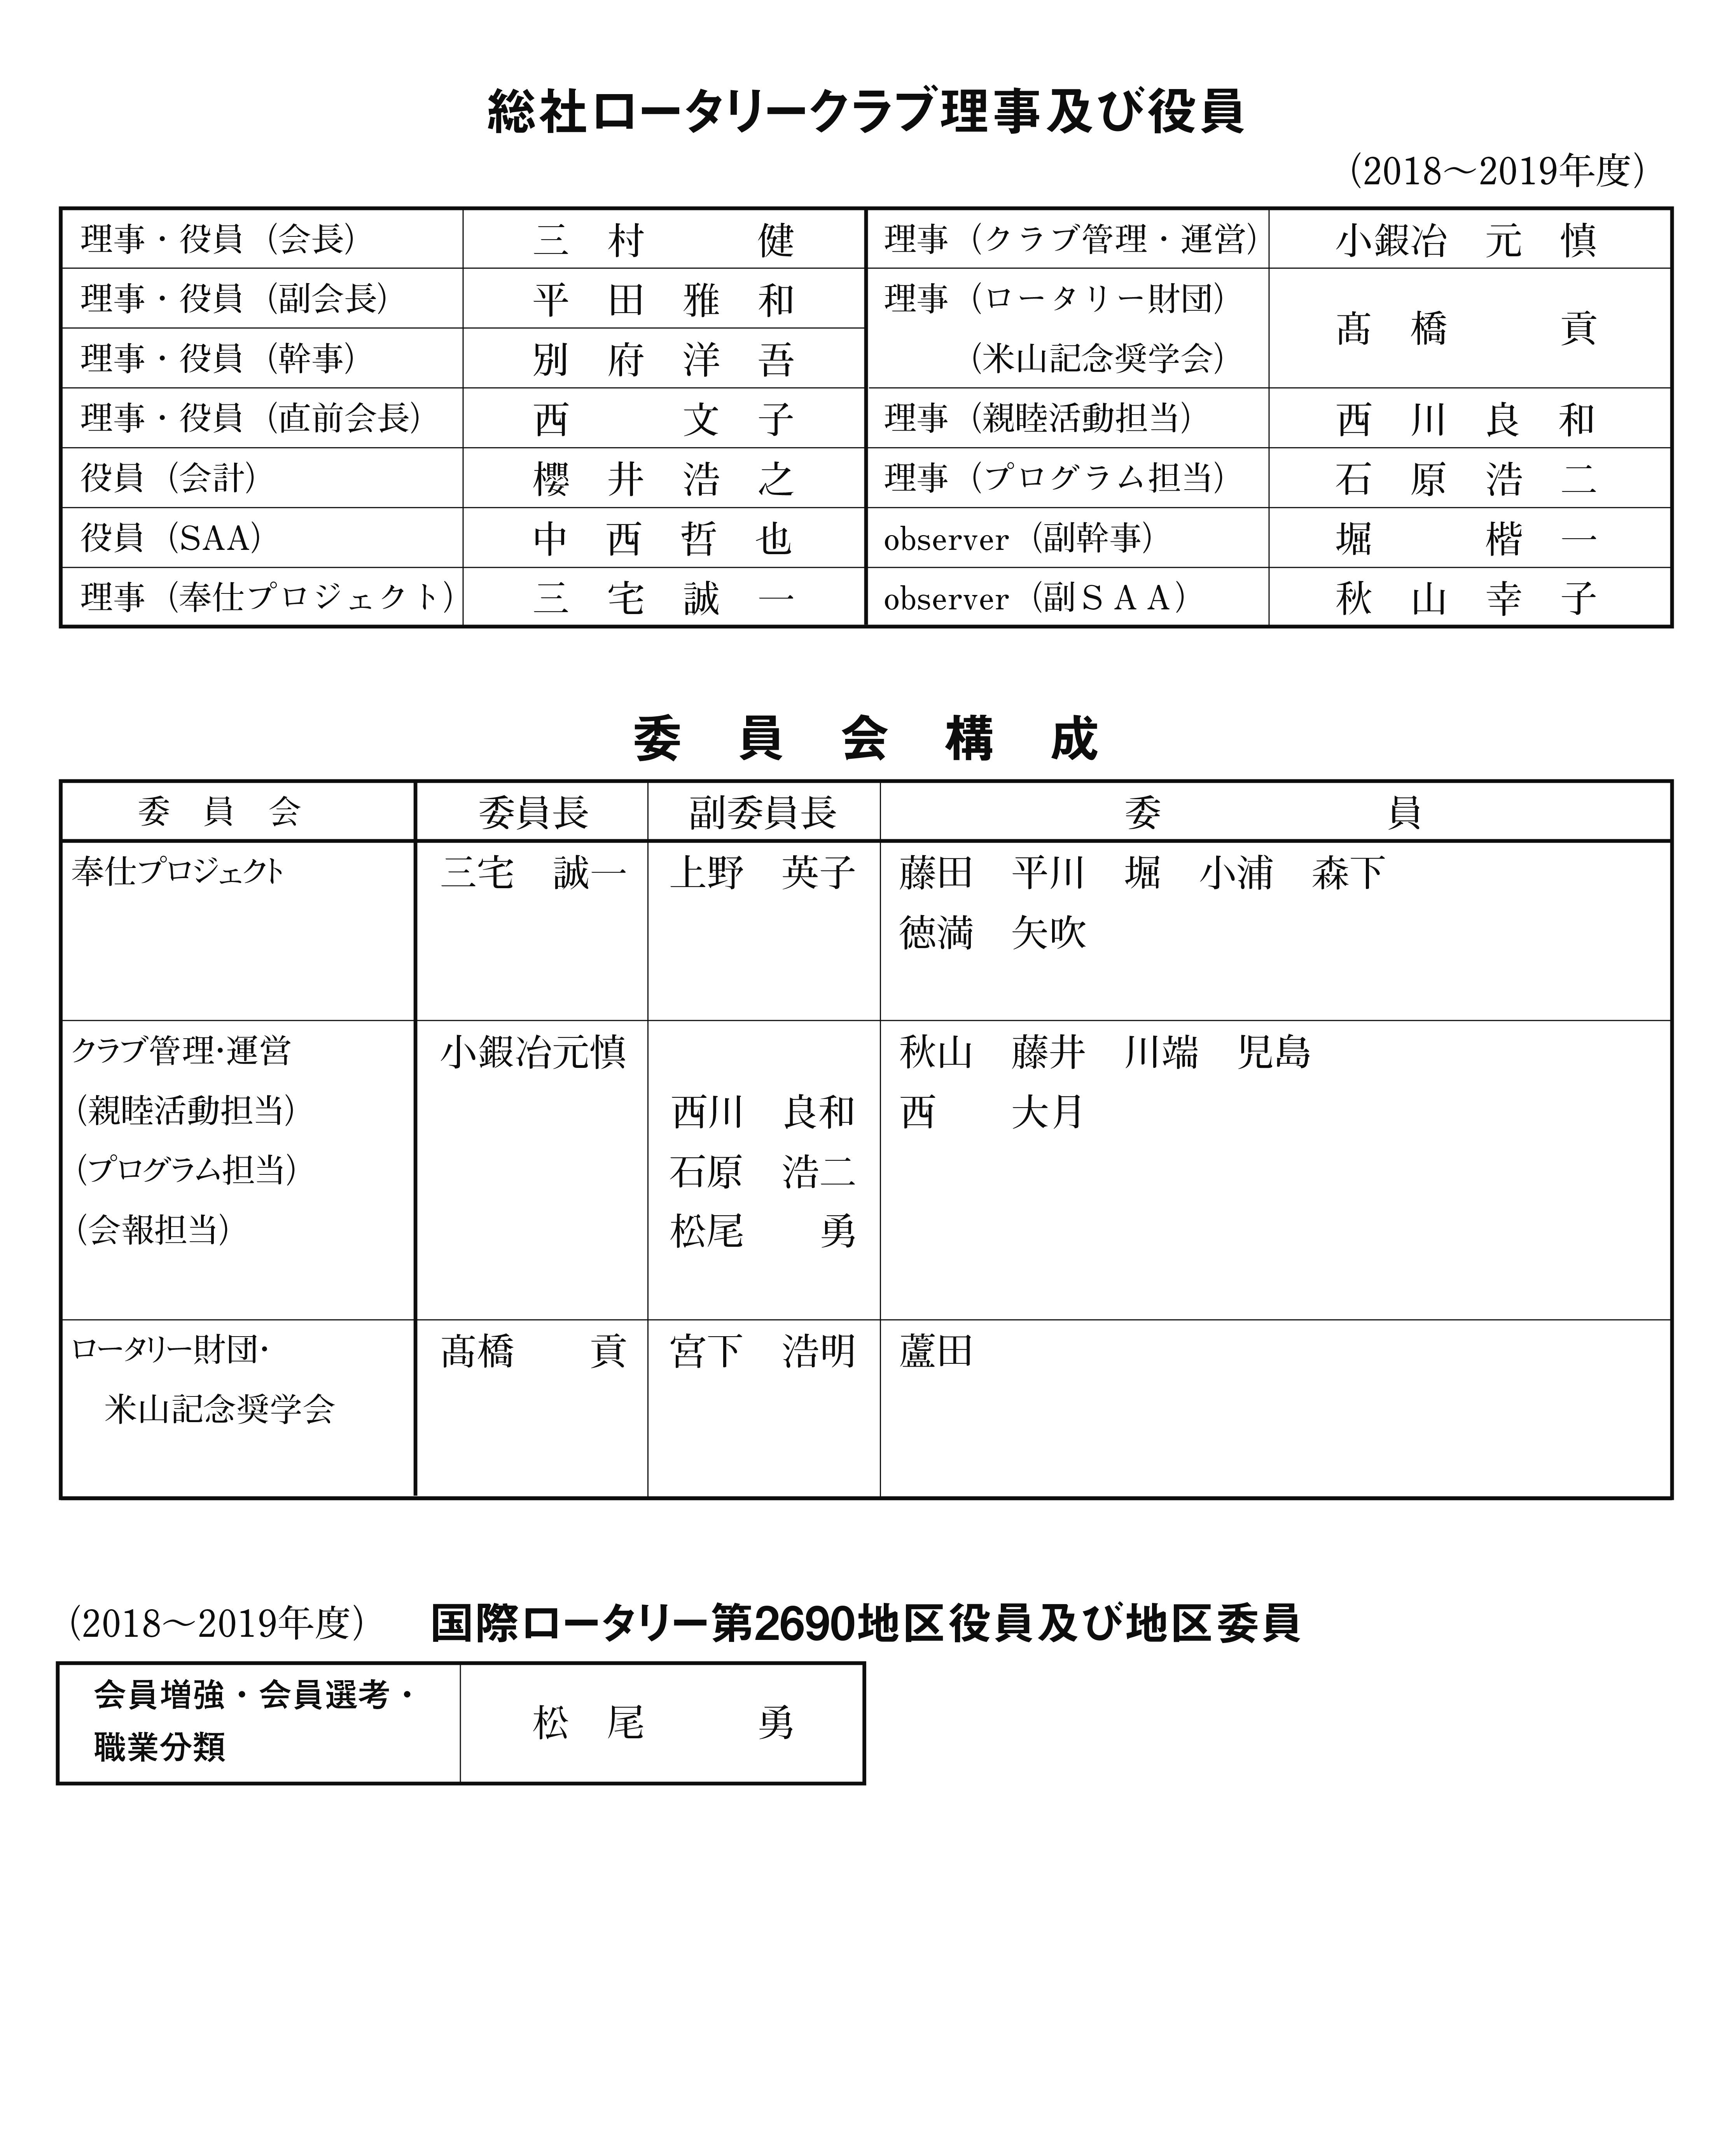 委員会名簿